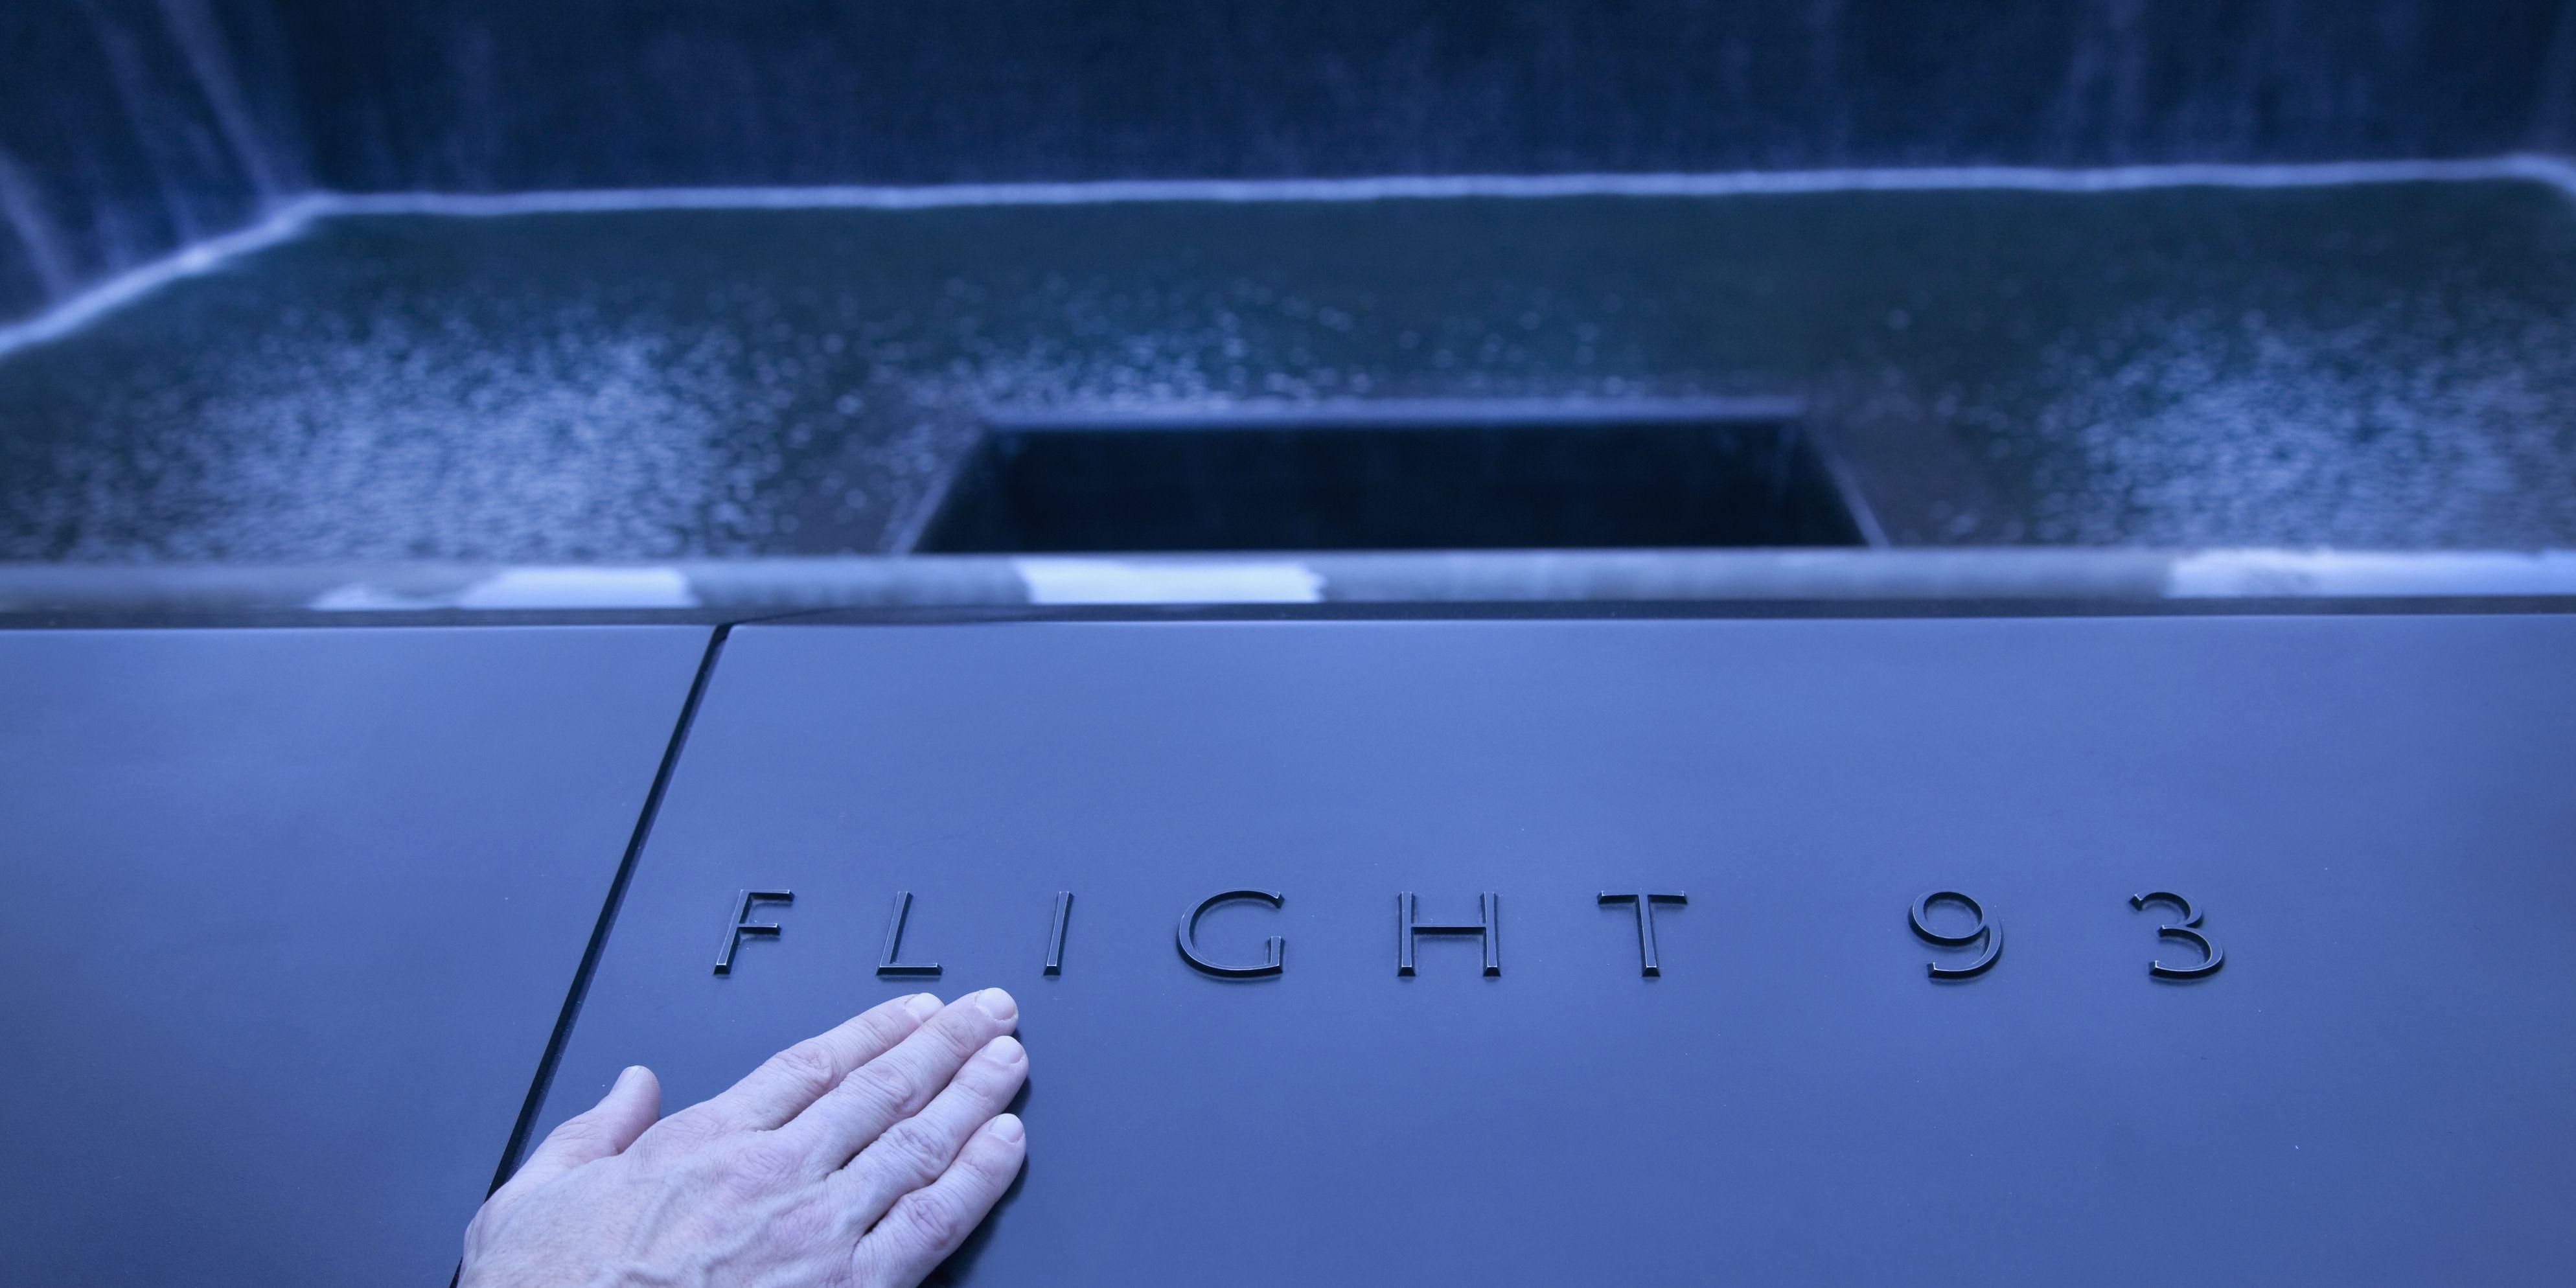 Memorial 911.